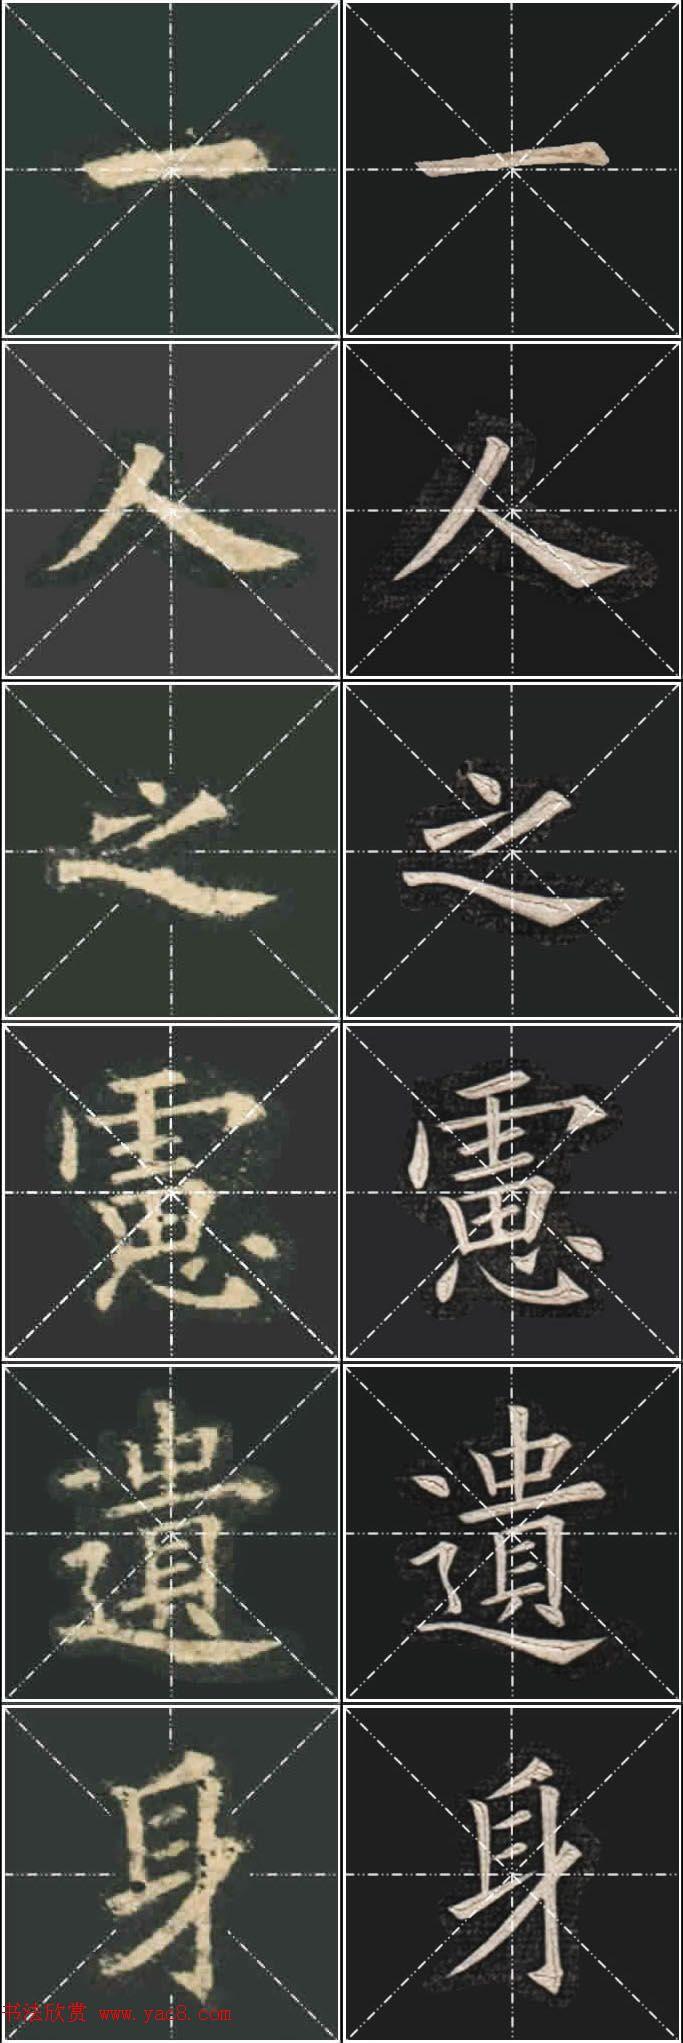 《欧楷九成宫》姚孟起临本与李琪藏本对照字帖(8)图片